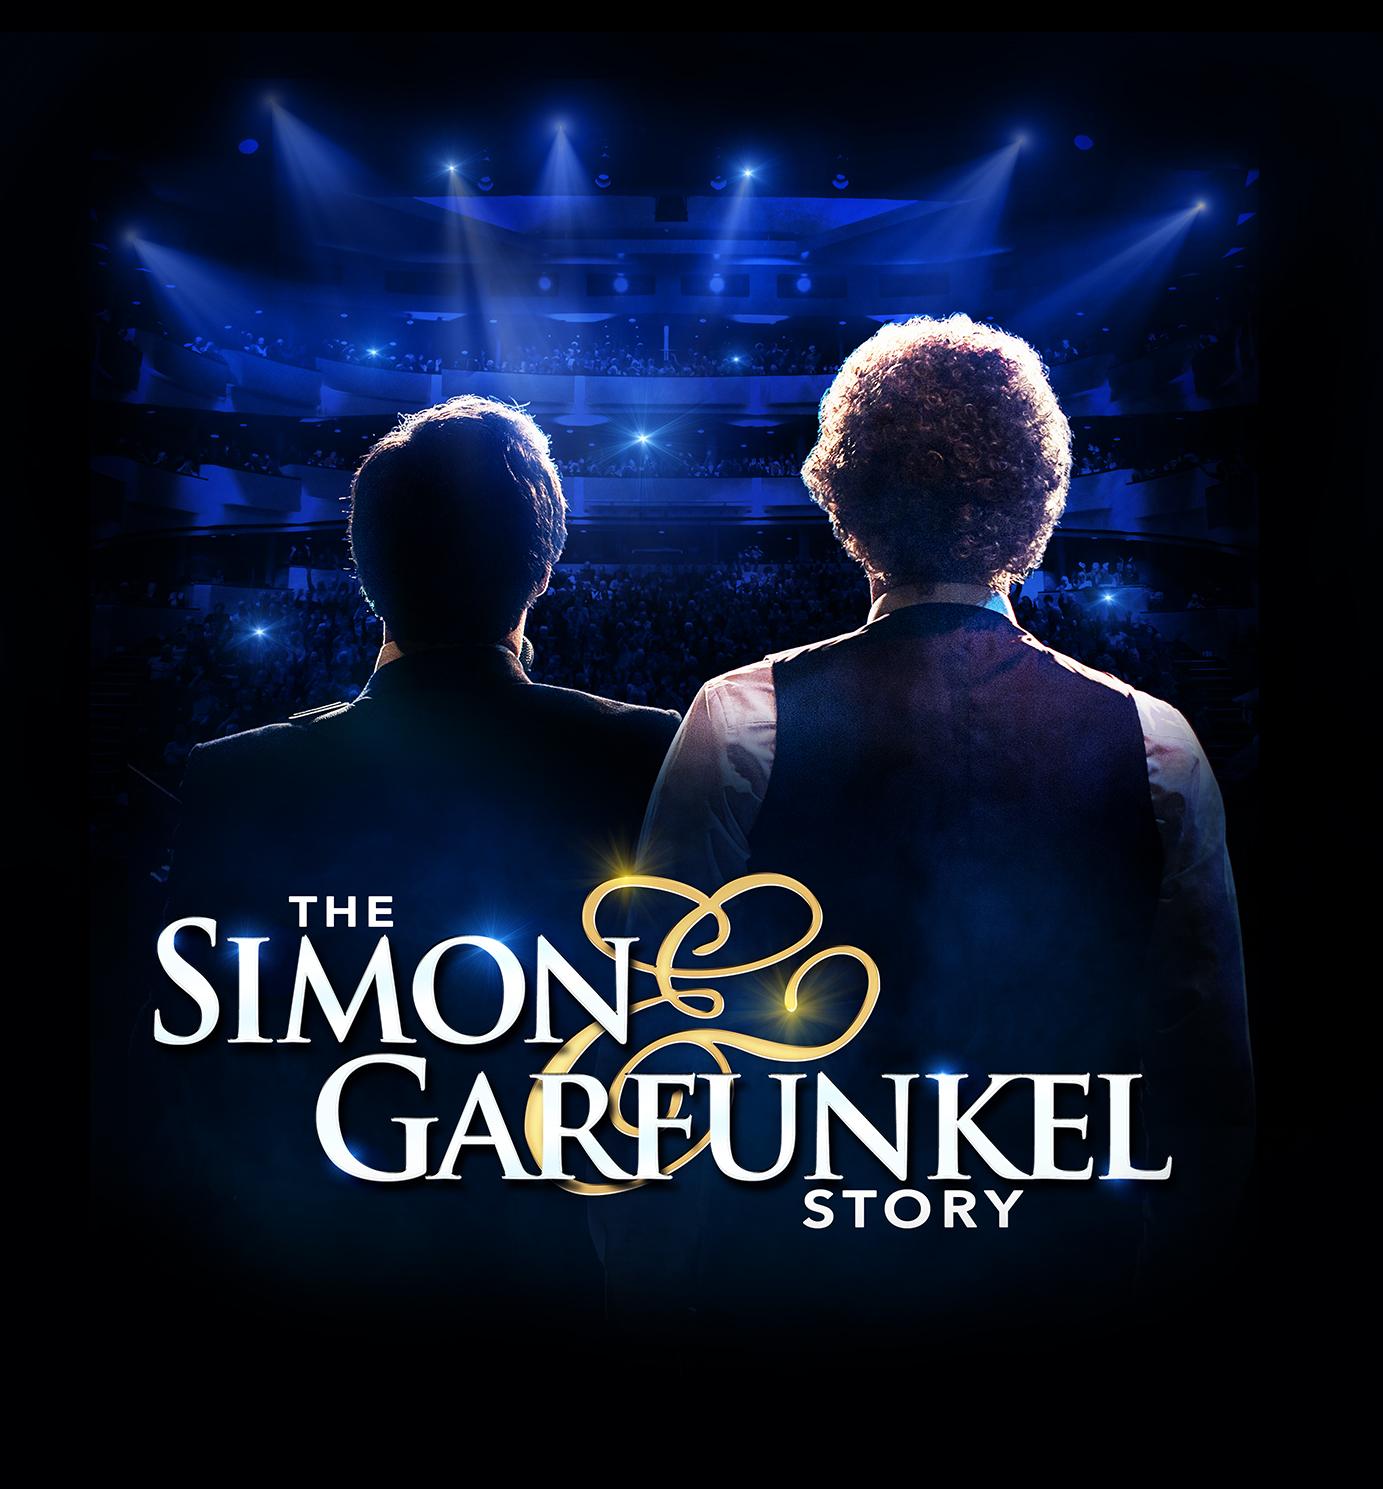 The Simon-&-Garfunkel-master-logo (1).jpg